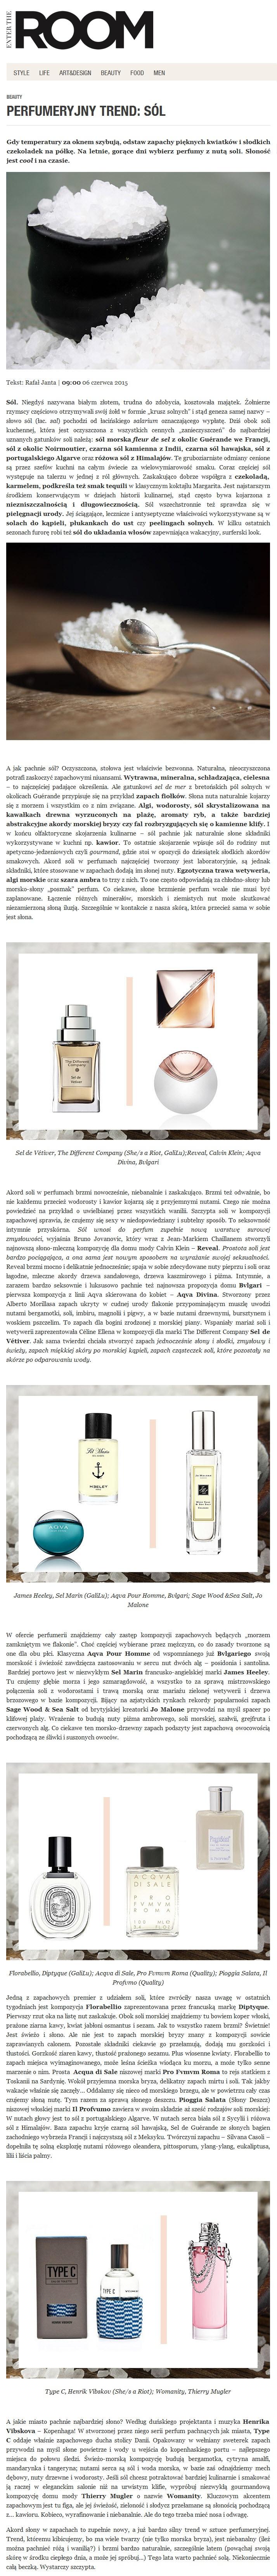 2015.06.06_EnterTheRoom PRO FVMVM ROMA Acqua di Sale, IL PROFVMO Pioggia Salata